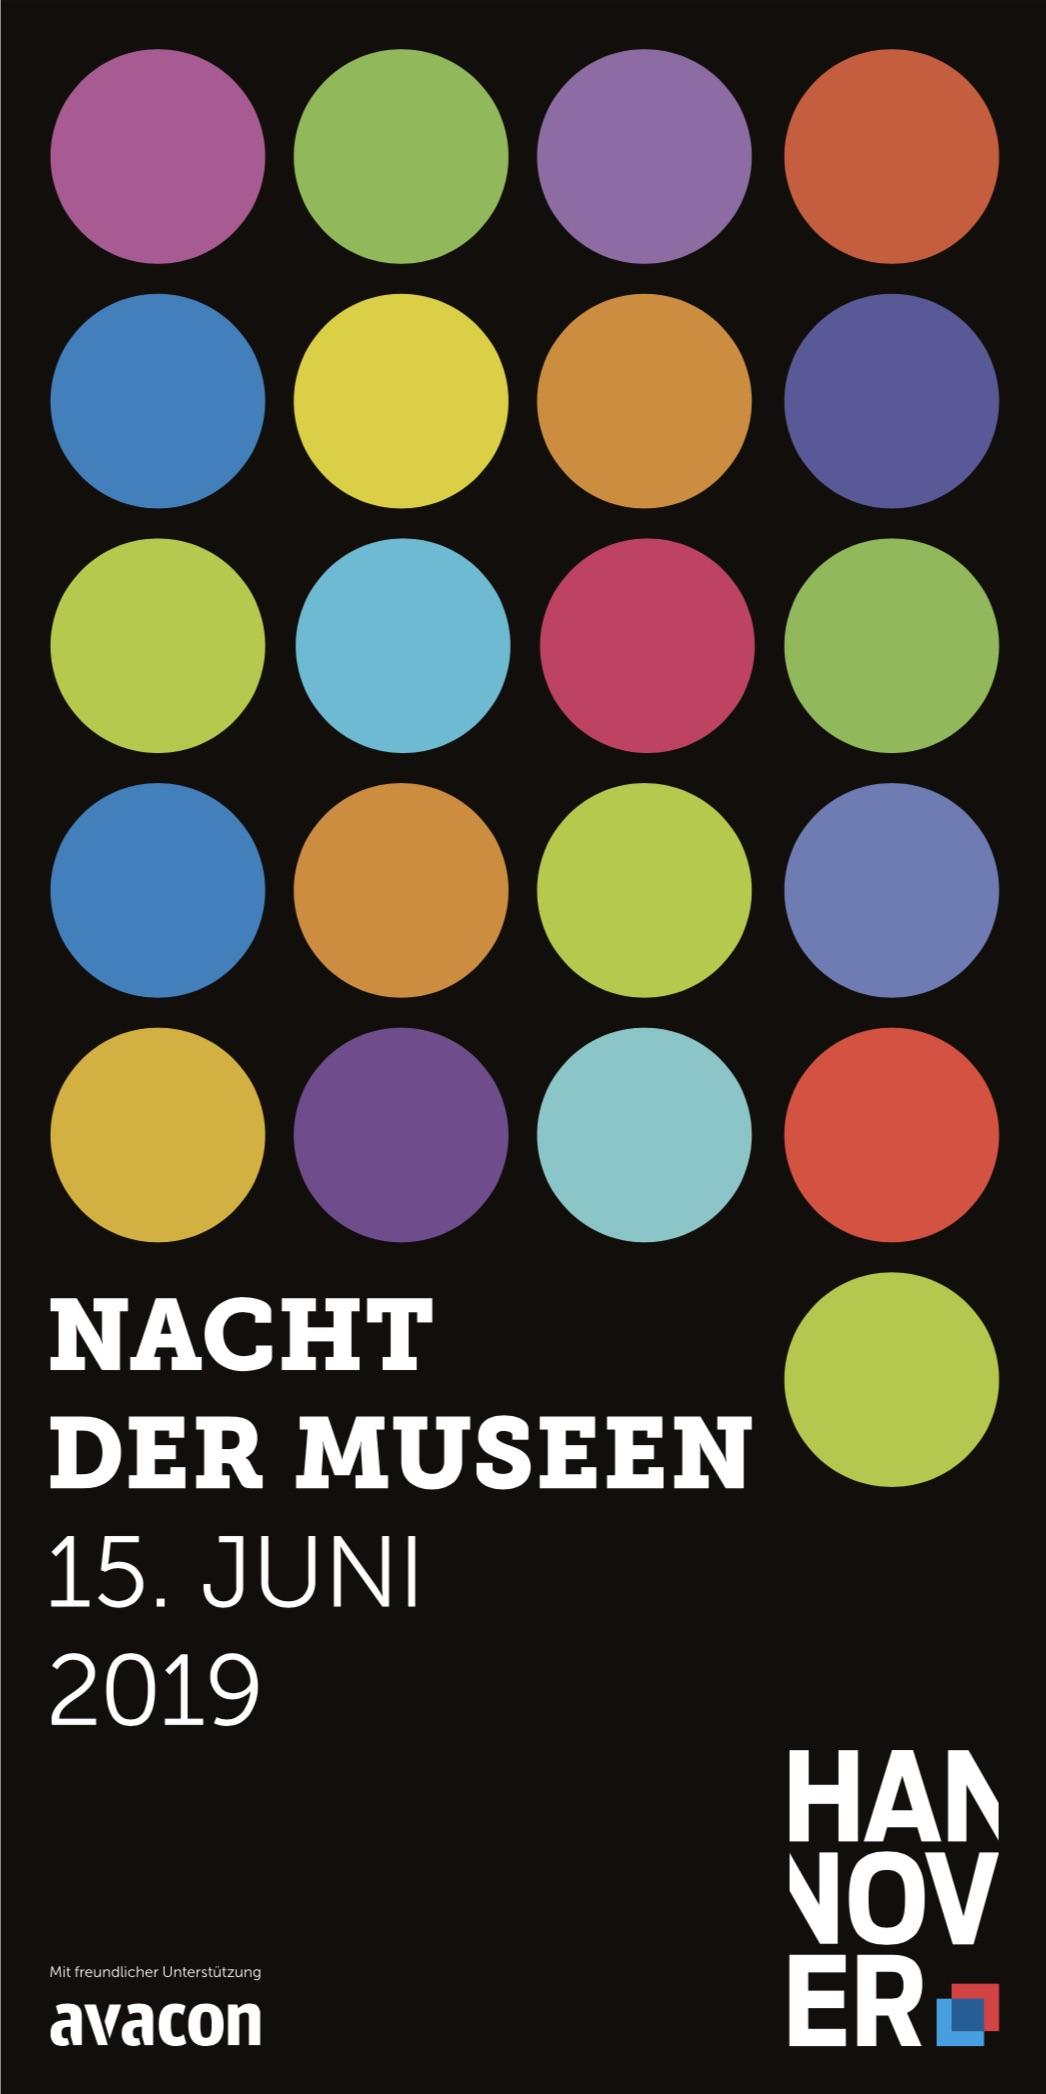 21. Nacht der Museen